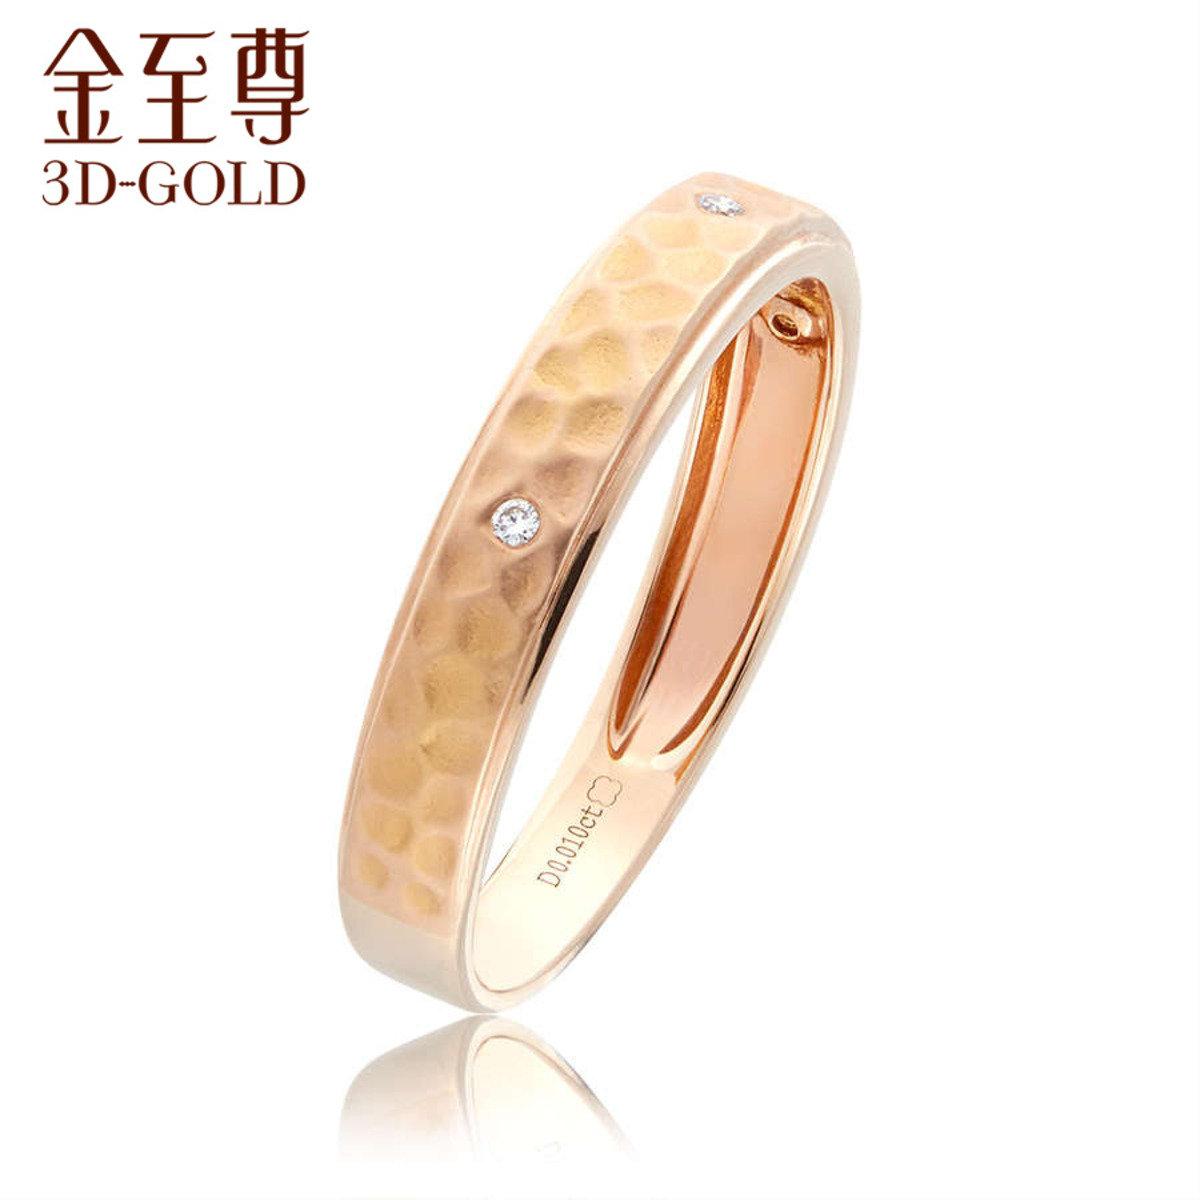 18K/750金(紅色)鑲鑽石情侶戒指